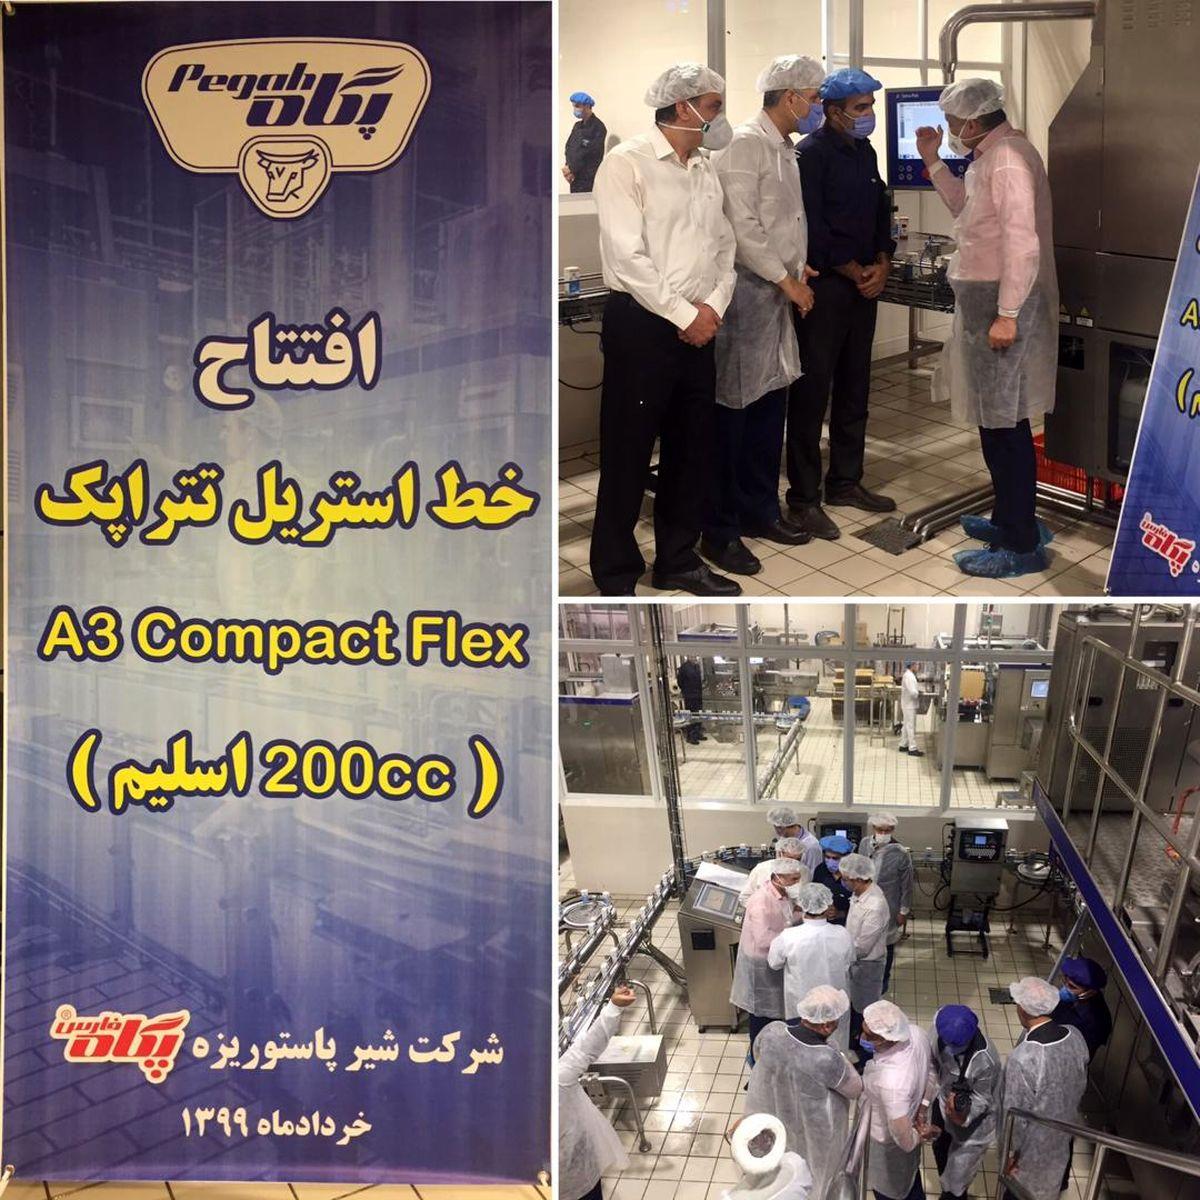 عبور از سد تحریم با افتتاح خط تولید جدید پگاه فارس